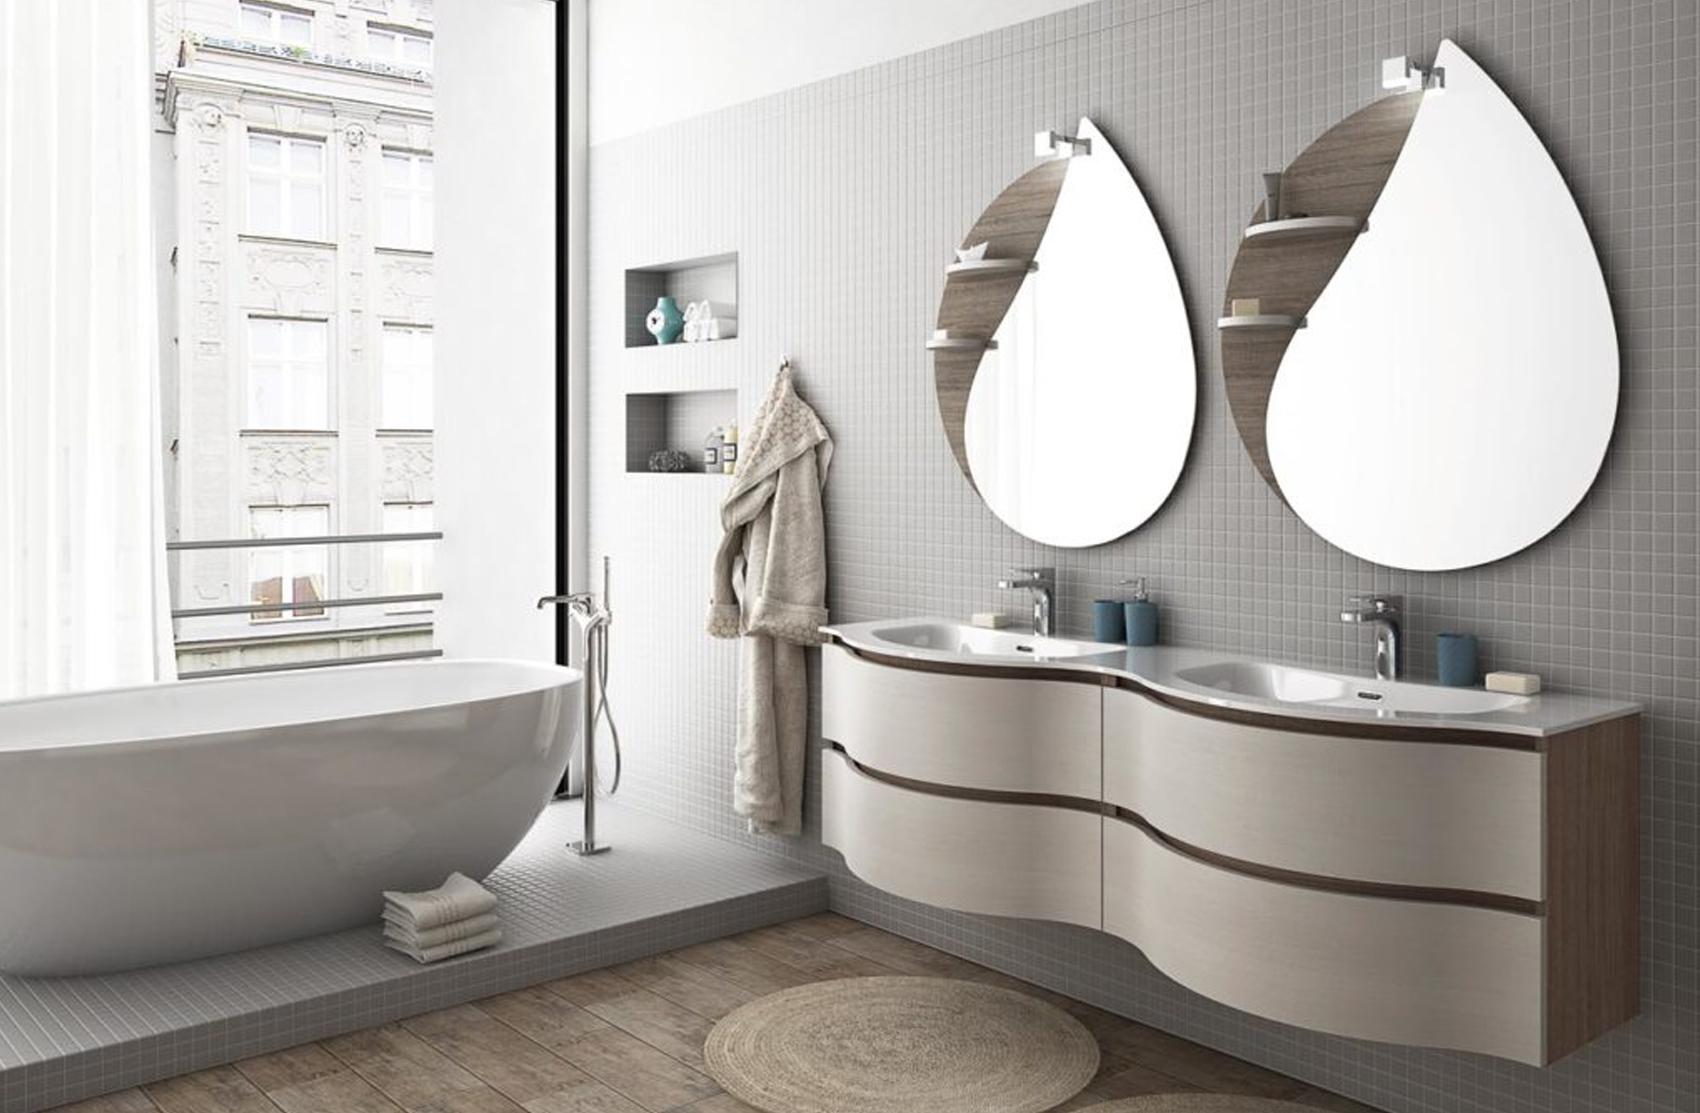 Arredamento per il bagno a brescia guarneri arredimobili a brescia